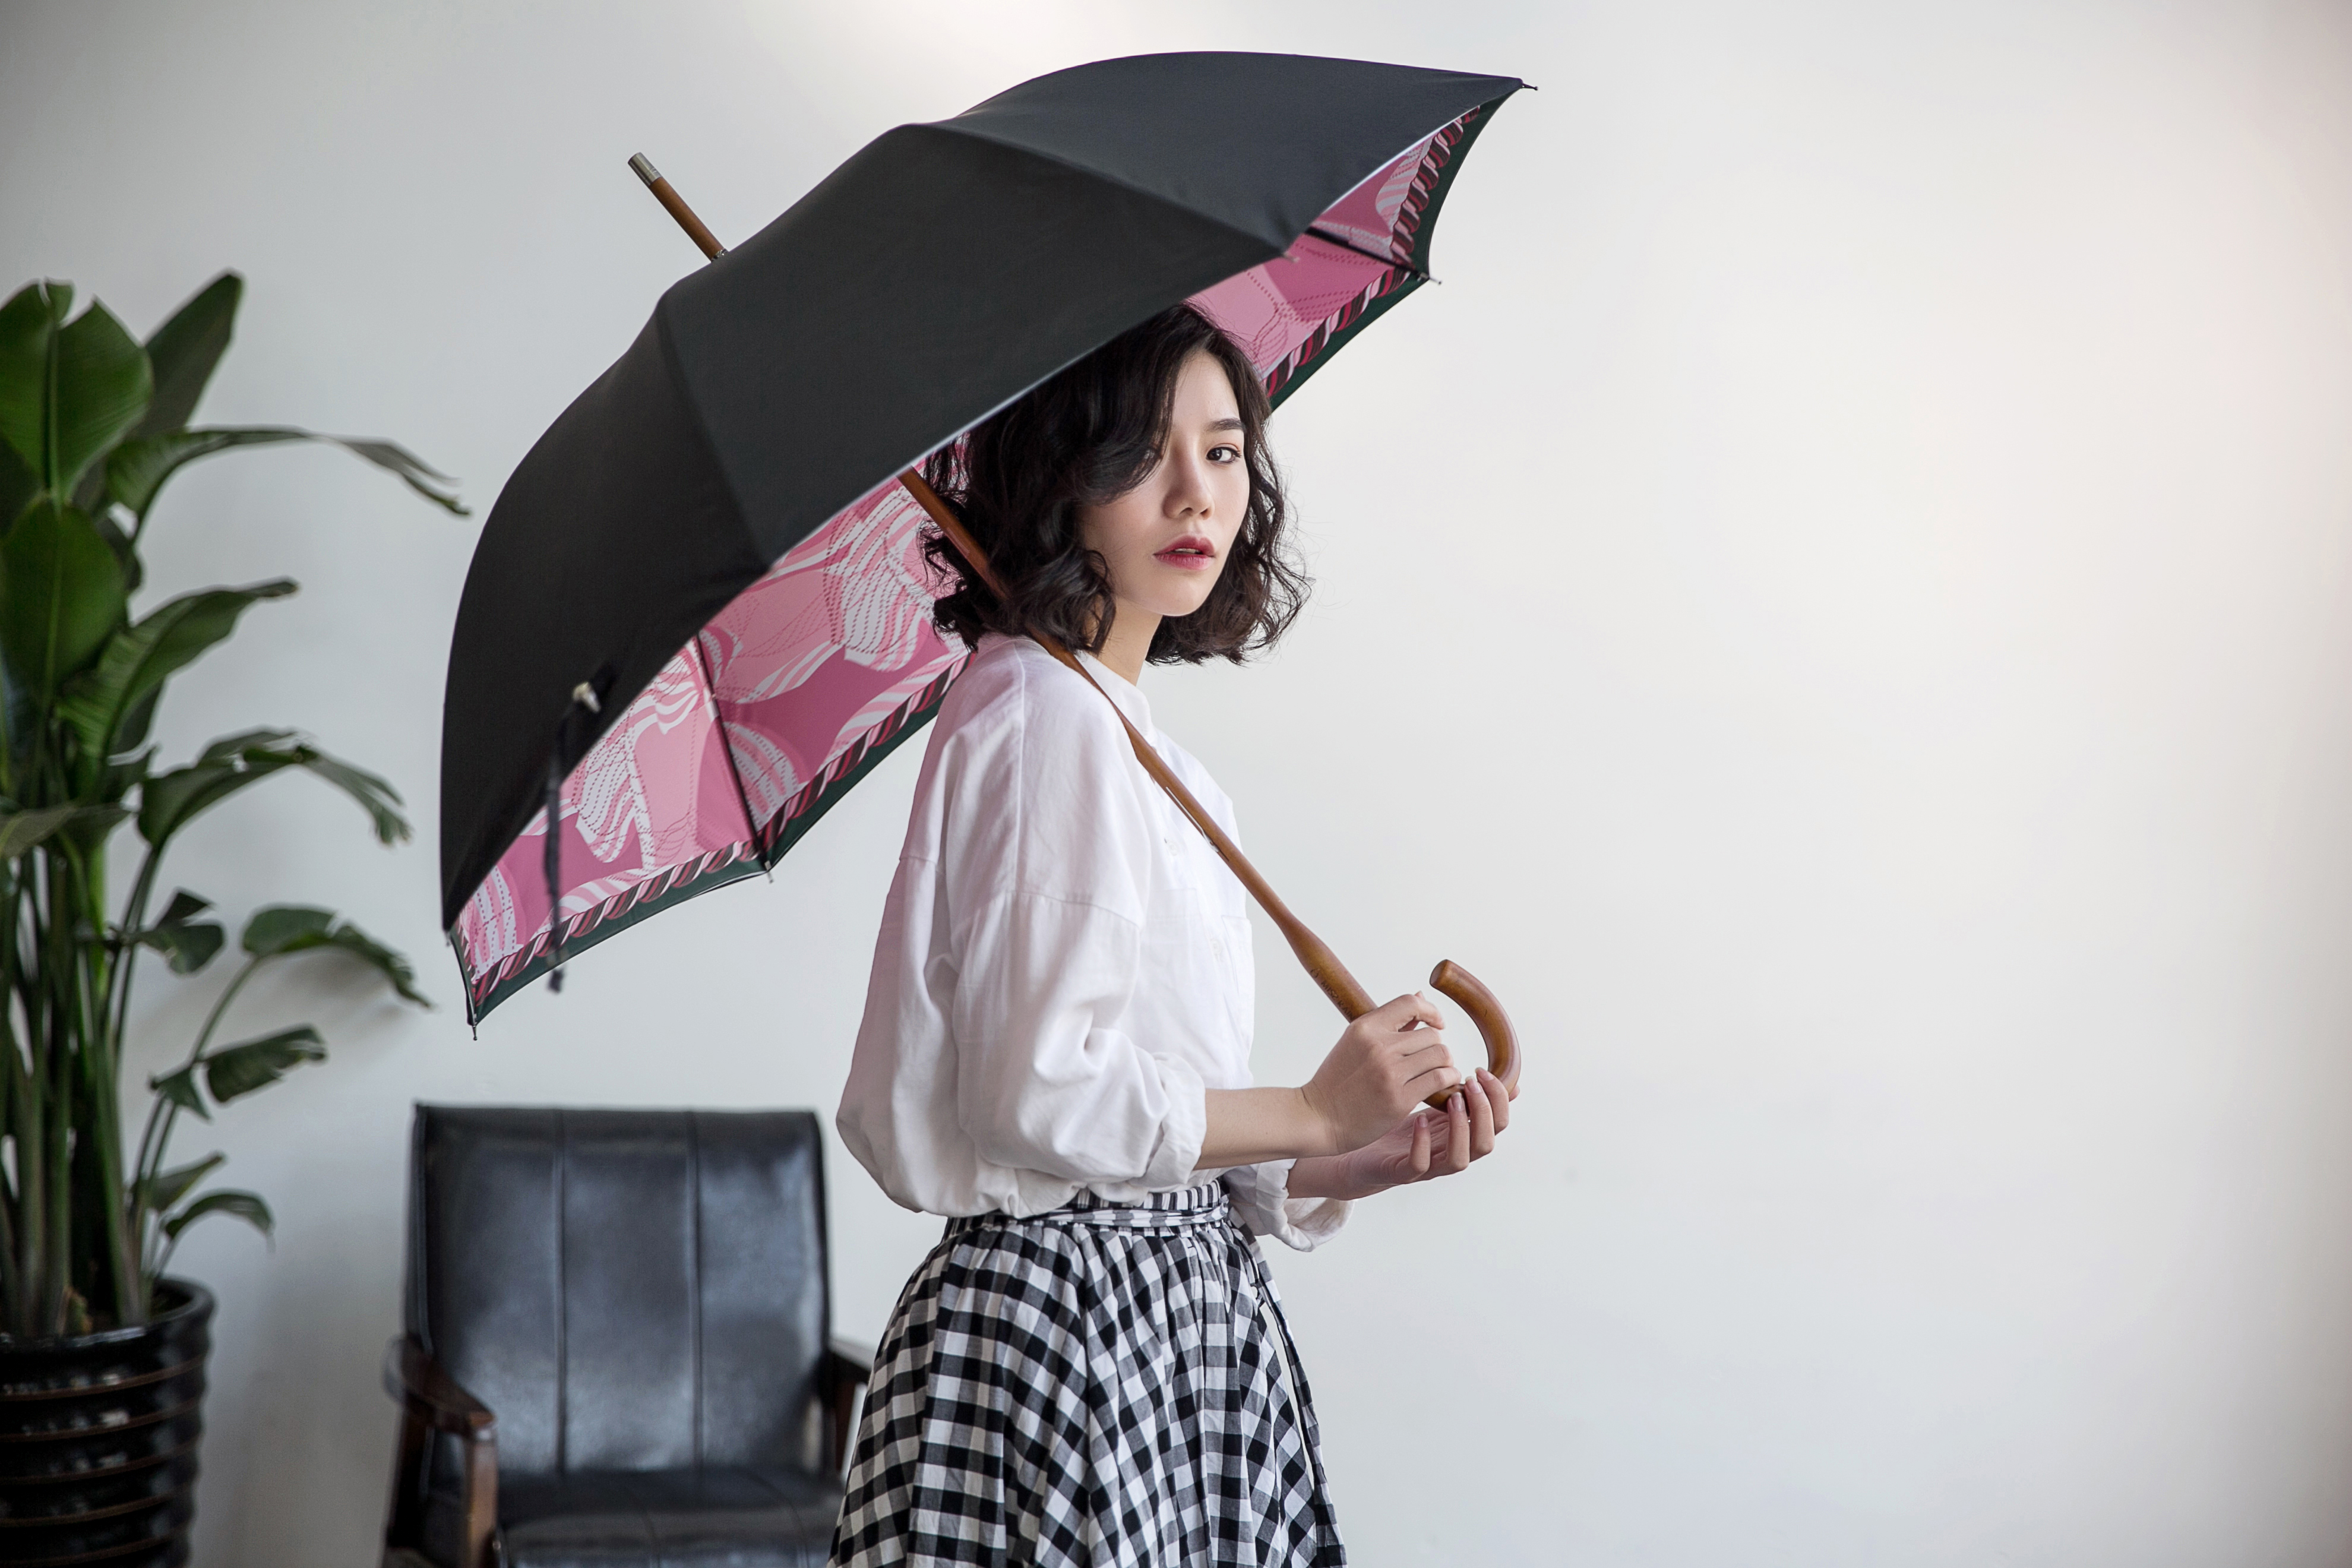 将英国雨伞和台湾设计师连线,华丽集首次促成三地两岸跨界合作